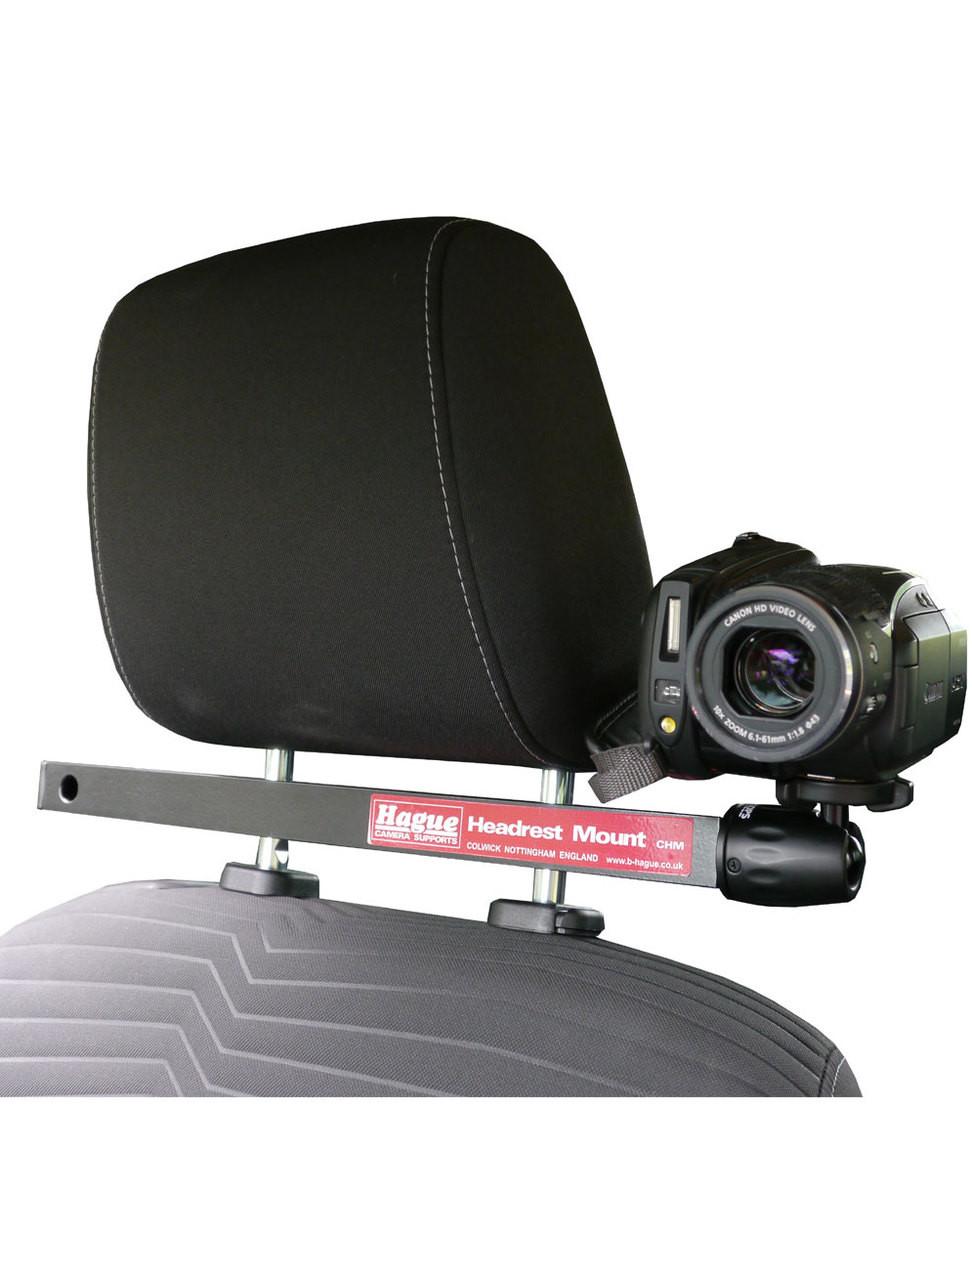 hague camera headrest mount for car filming cameragrip. Black Bedroom Furniture Sets. Home Design Ideas